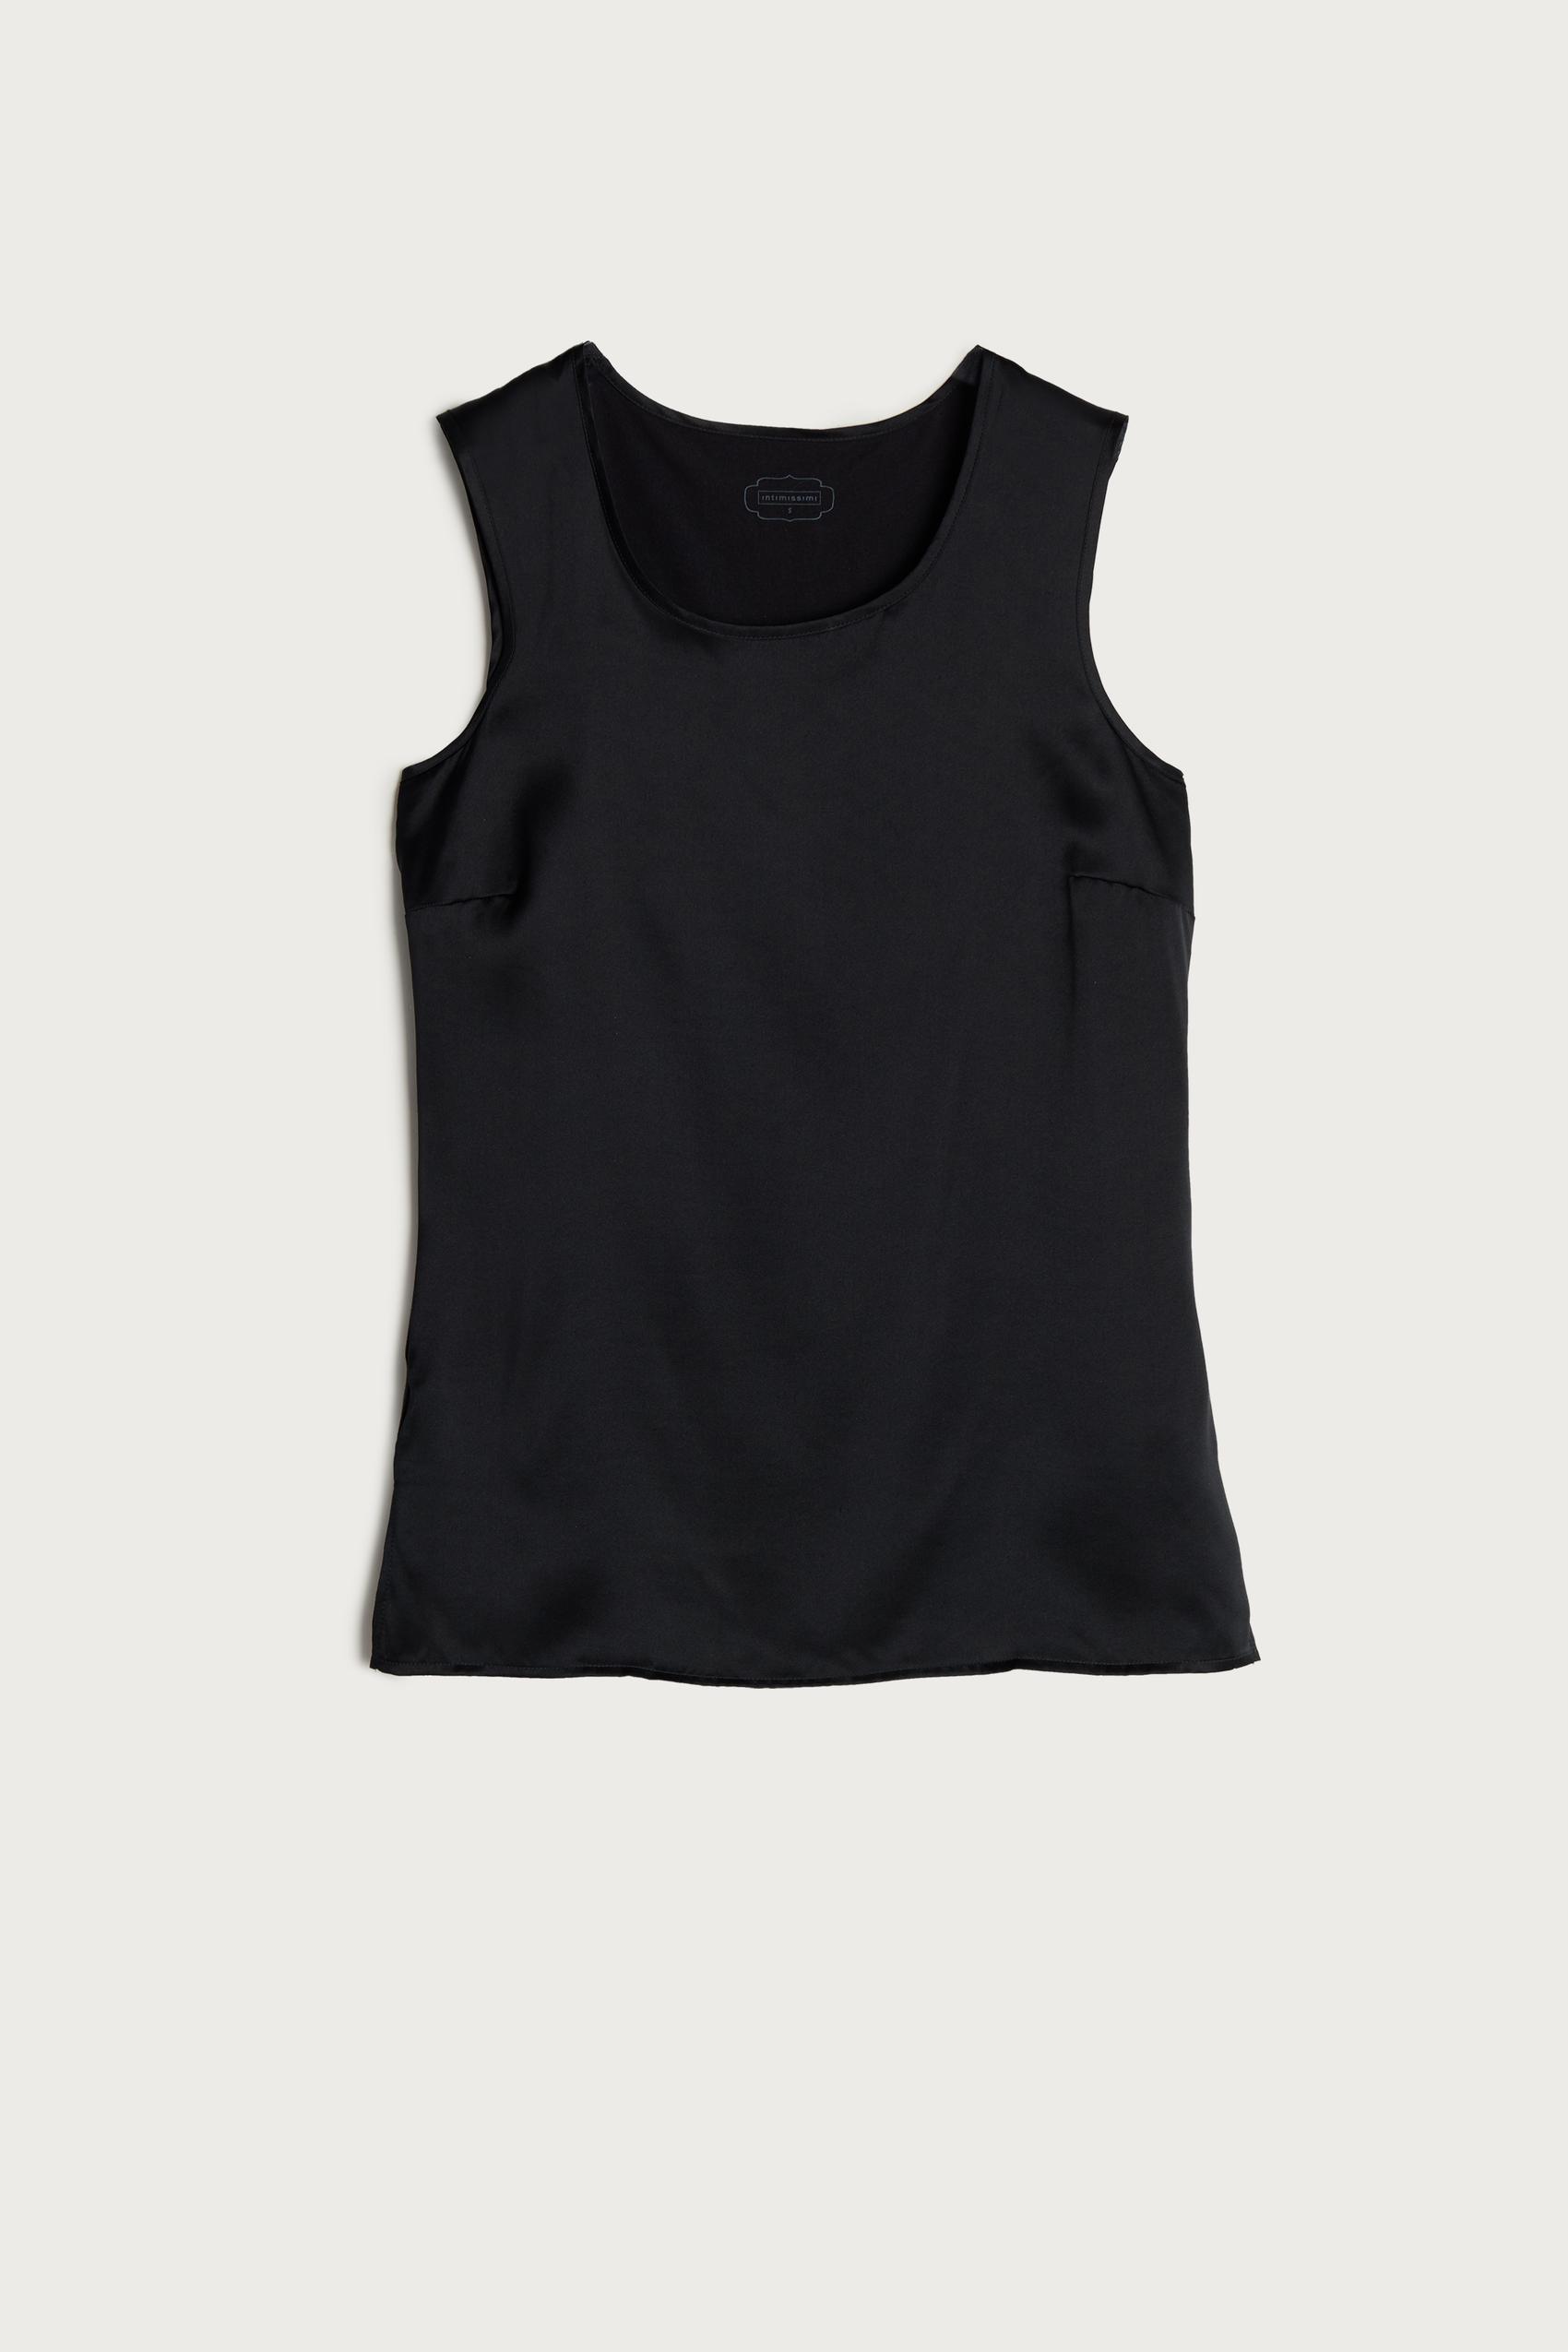 intimissimi - Rundhals-Top mit breiten Schultern aus Seide und Modal